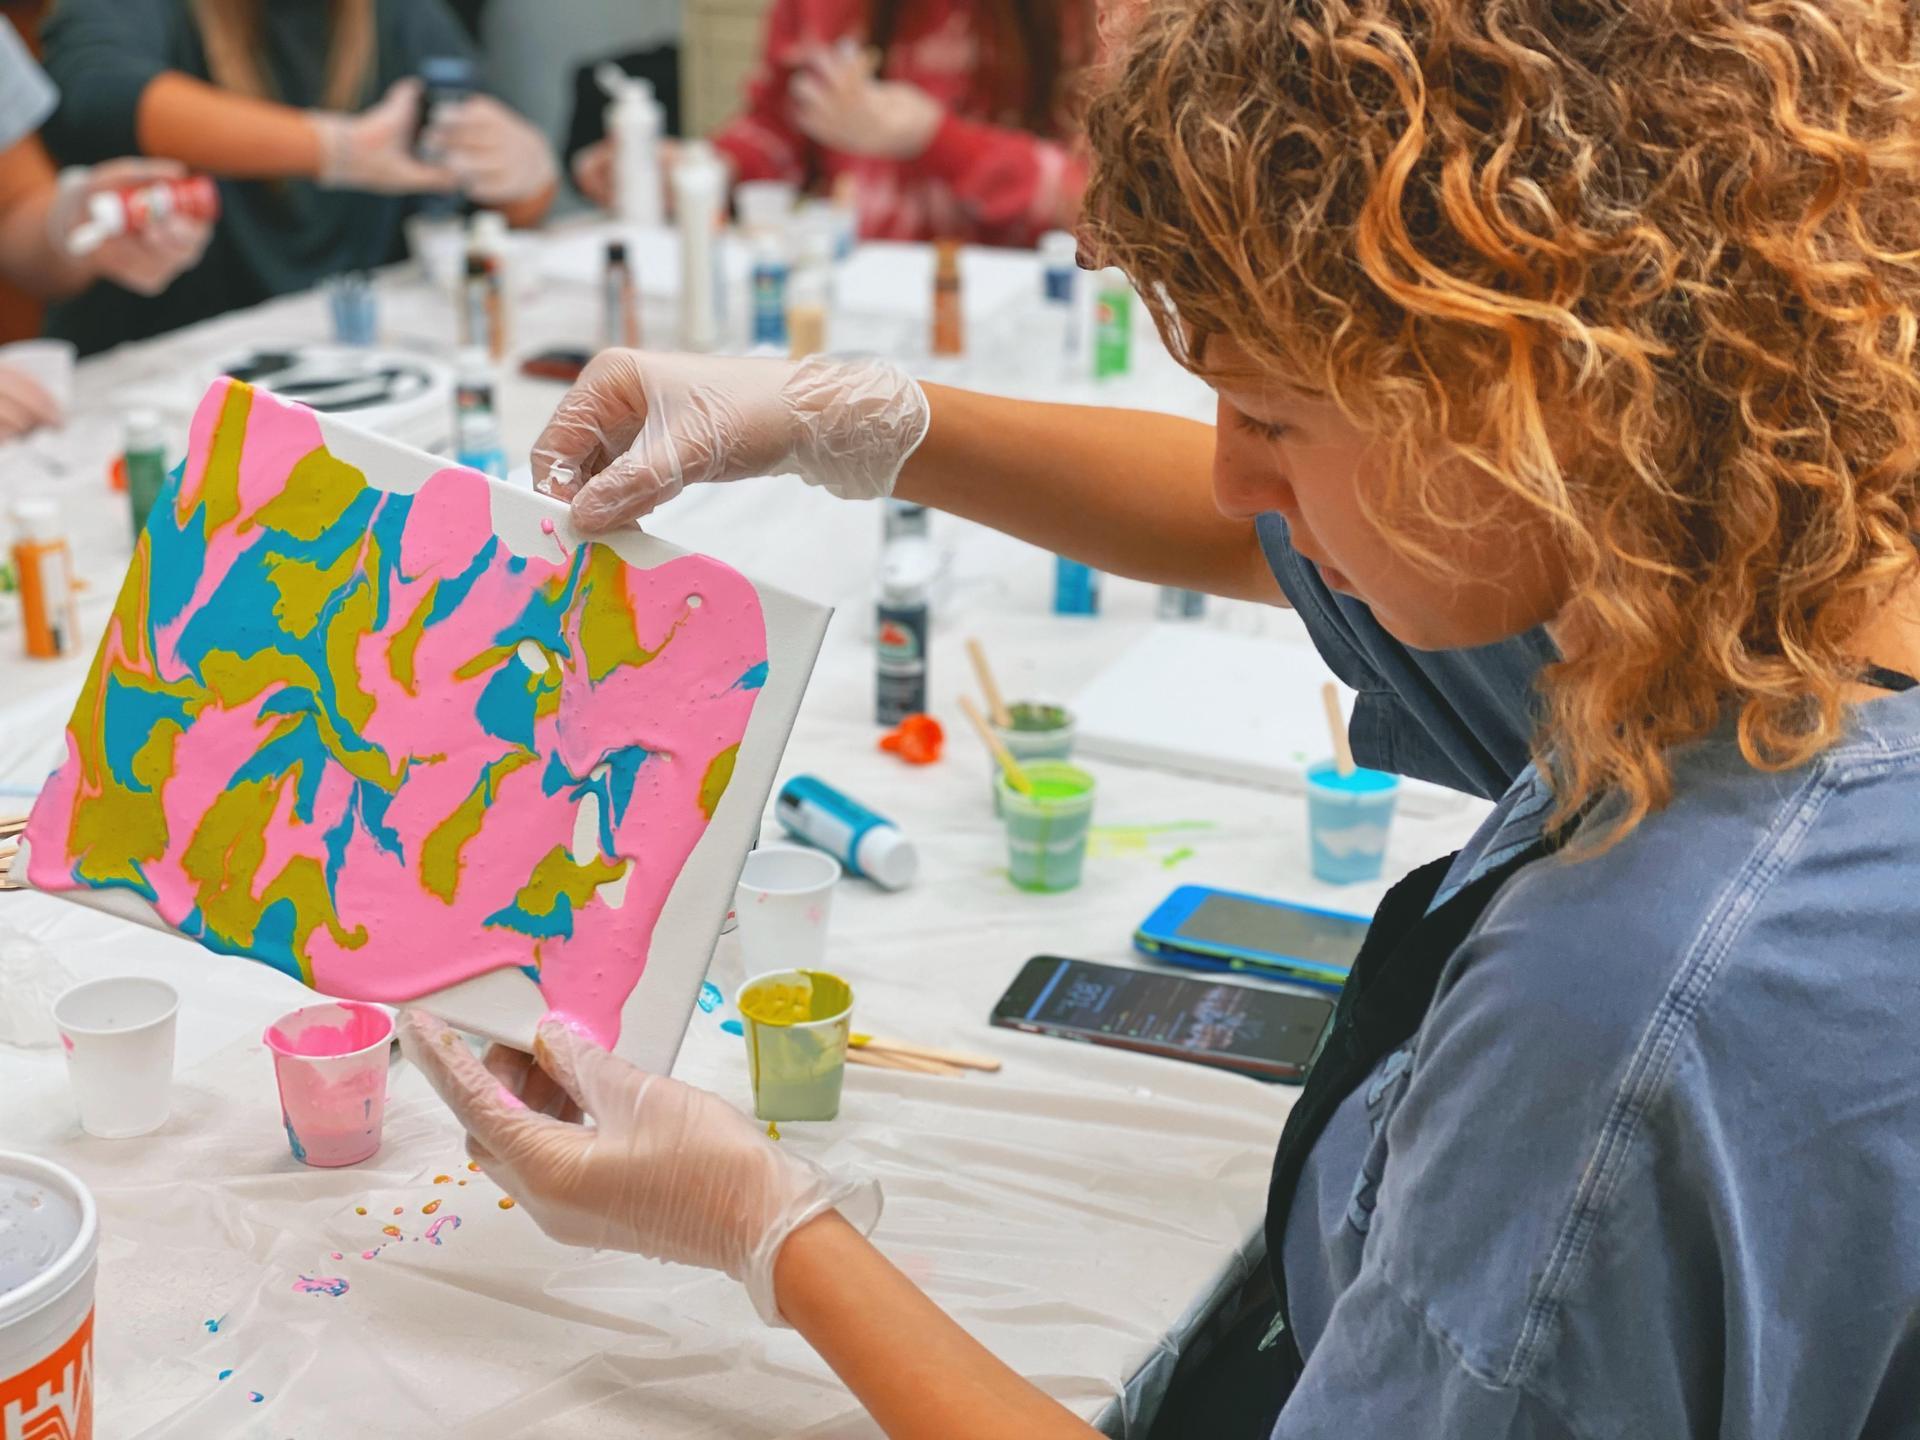 student in high school art